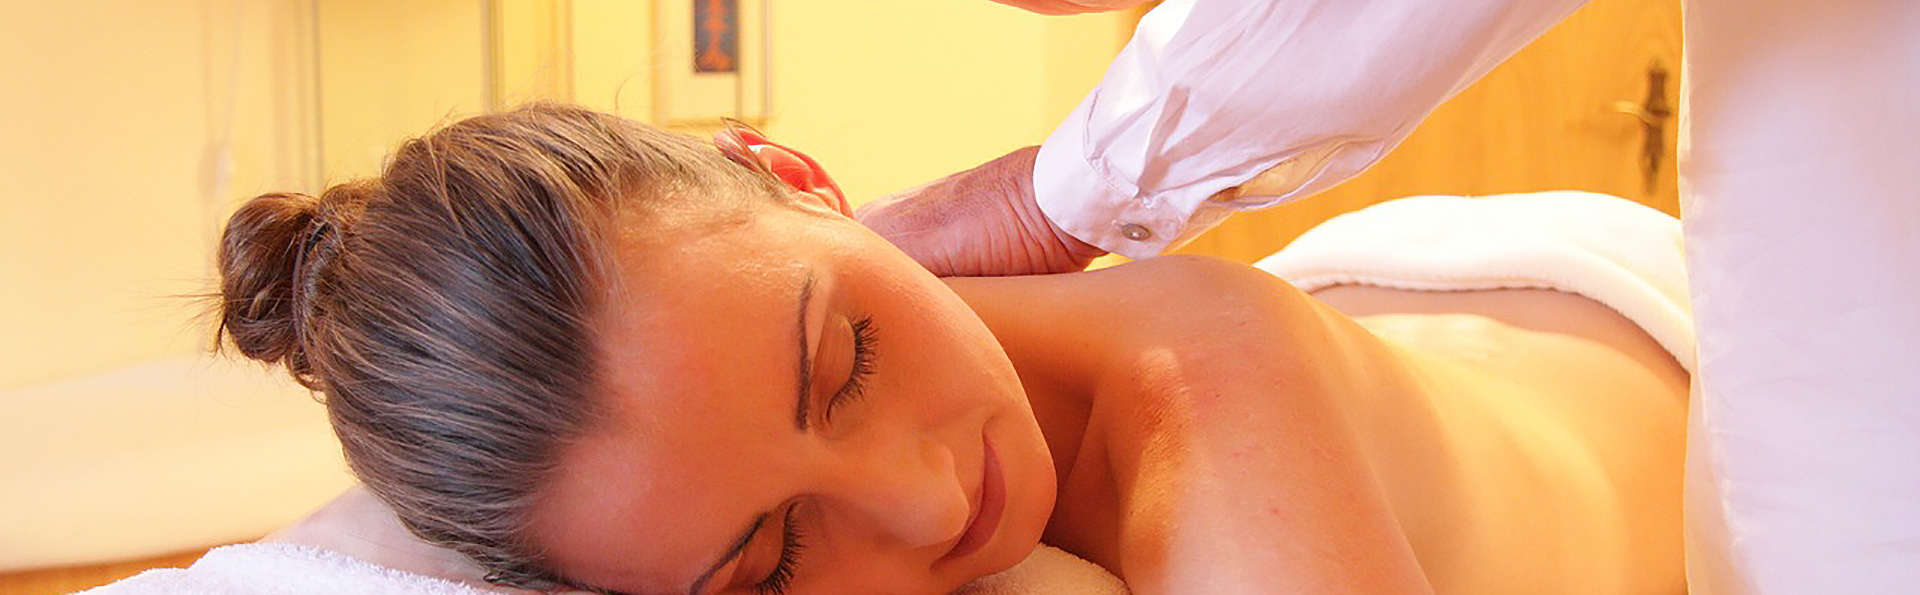 Luxe et bien-être incluant un massage près de La Haye